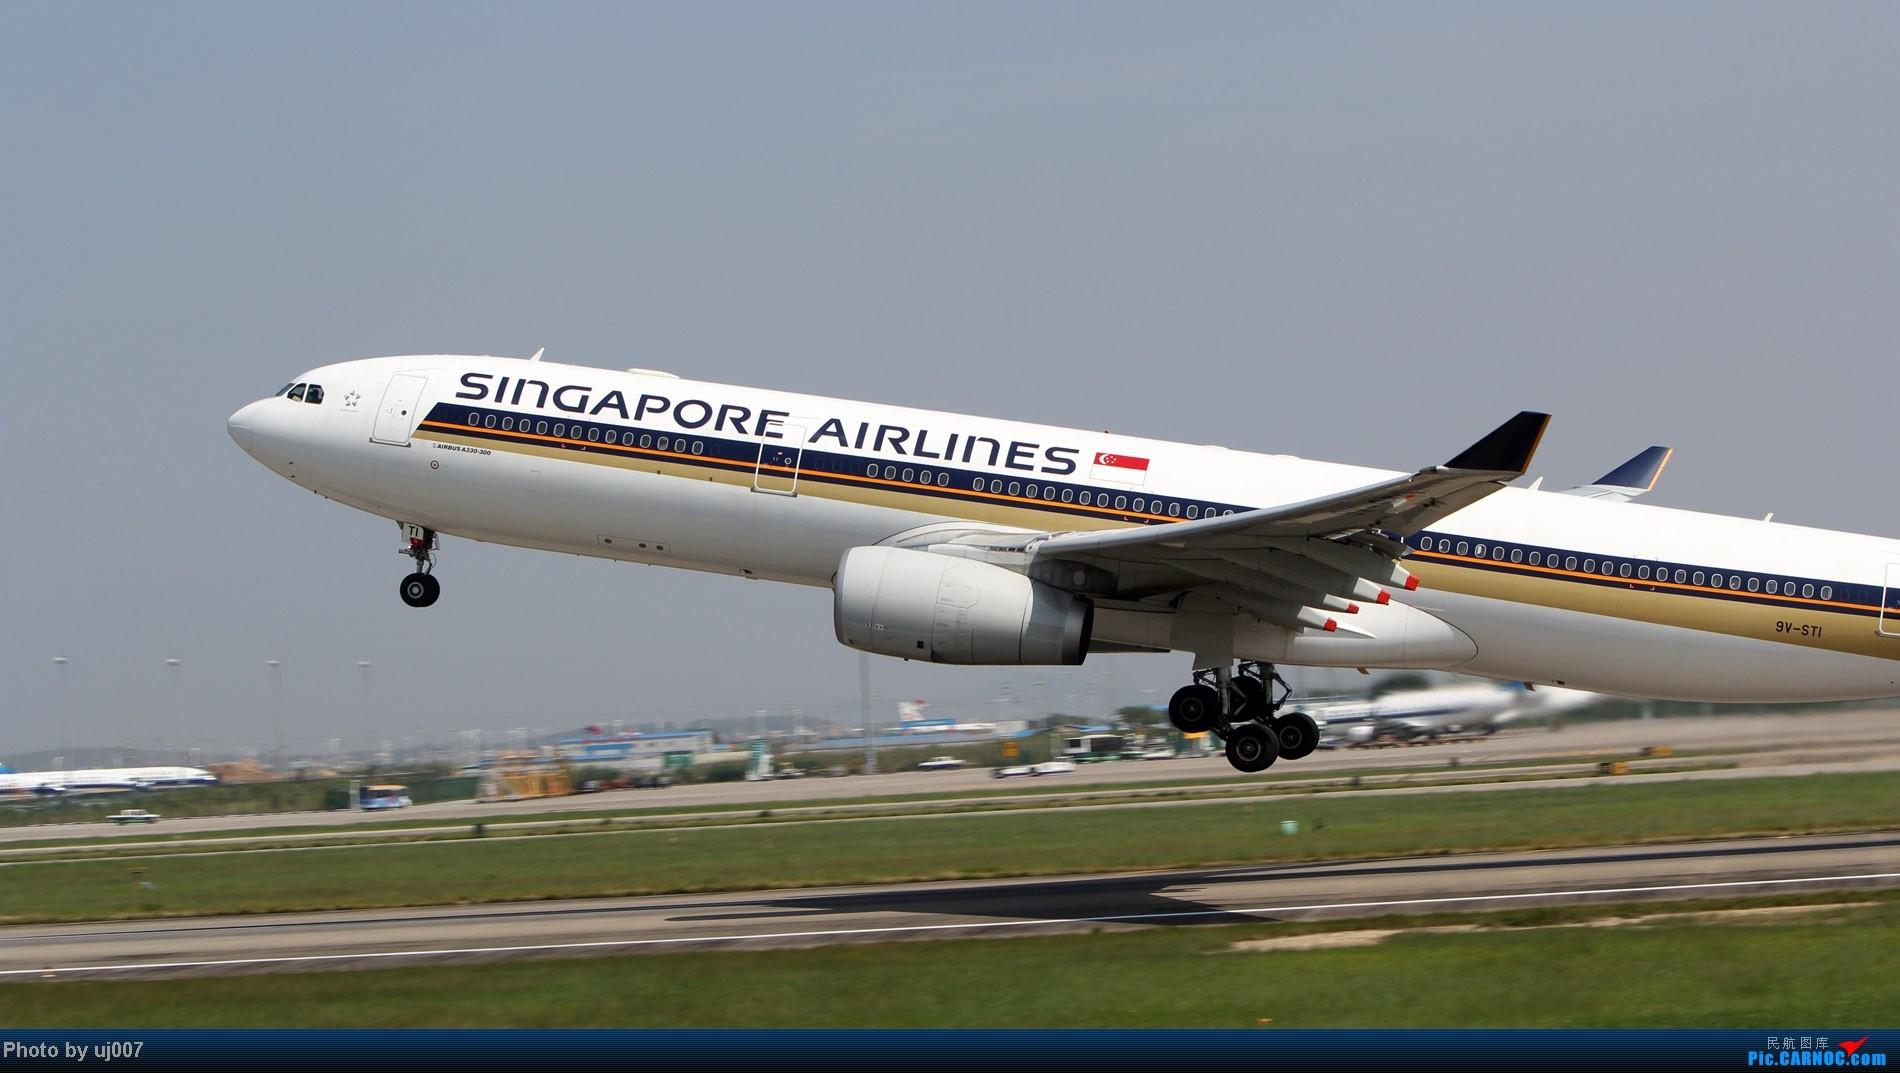 Re:[原创]10月2日白云拍机,超级多图系列(大飞机,特别妆,外航,闪灯,擦烟)求指点. AIRBUS A330-300 9V-STI 中国广州白云机场